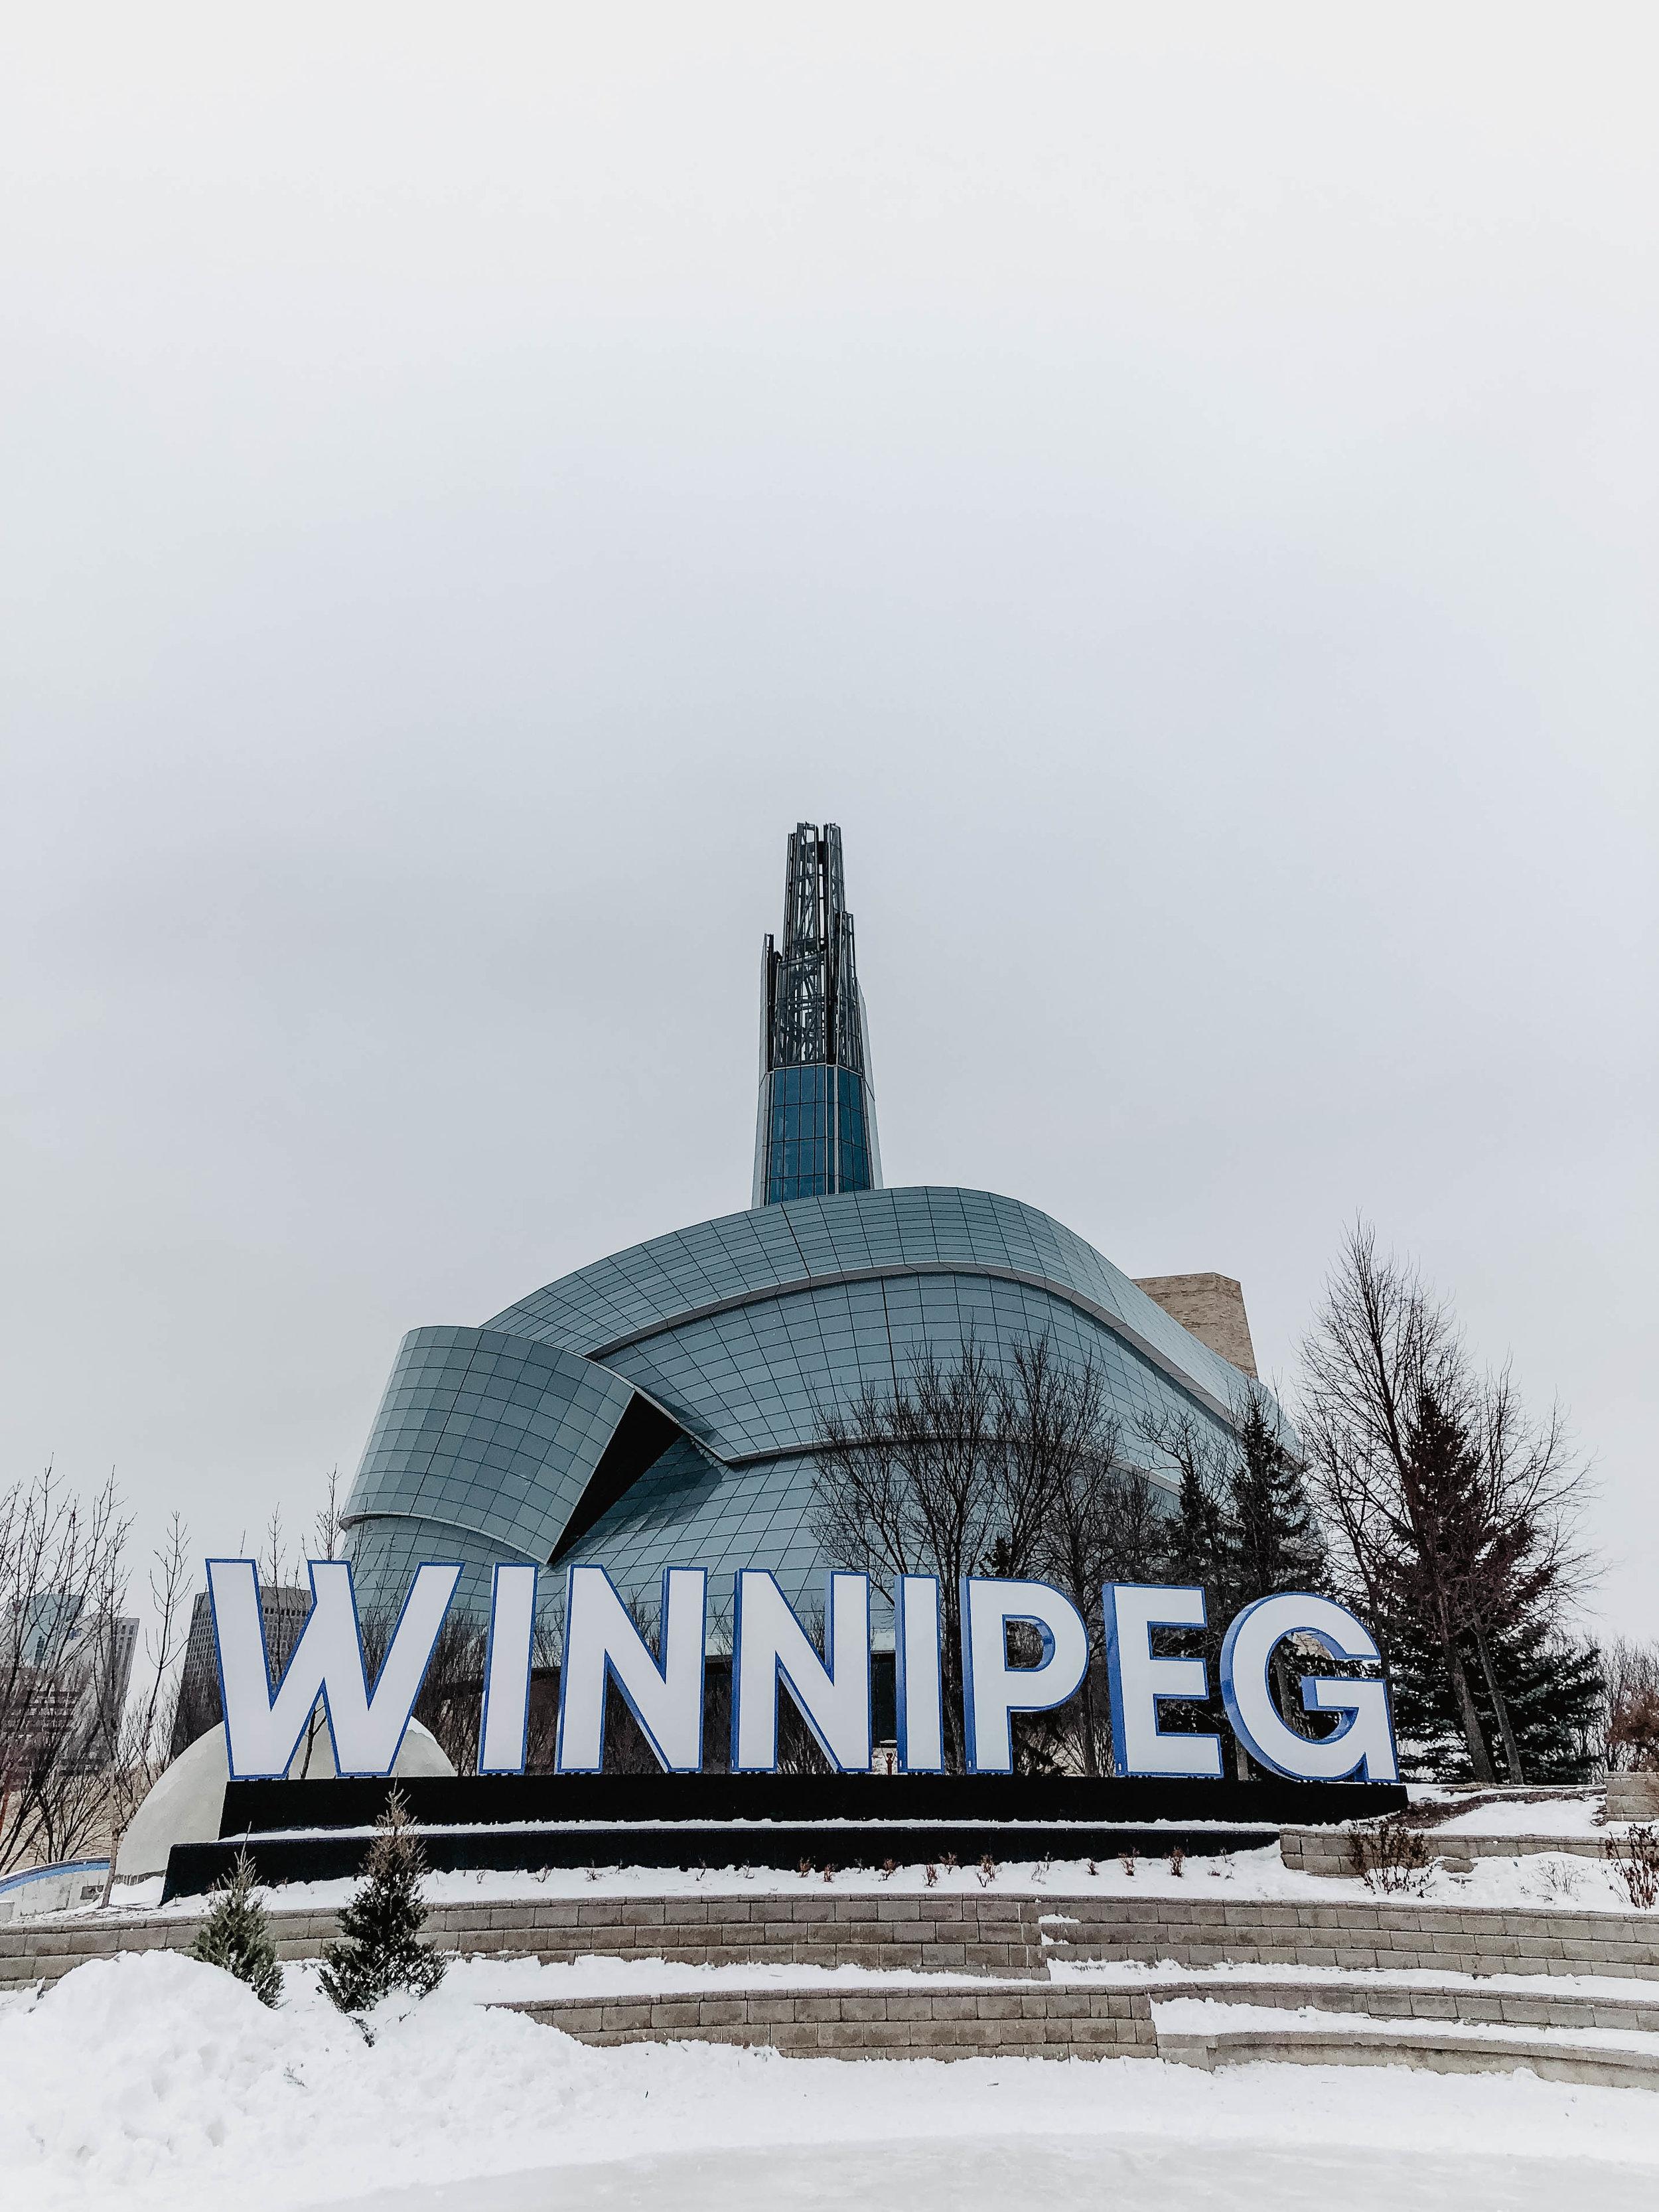 The Forks Winnipeg Sign